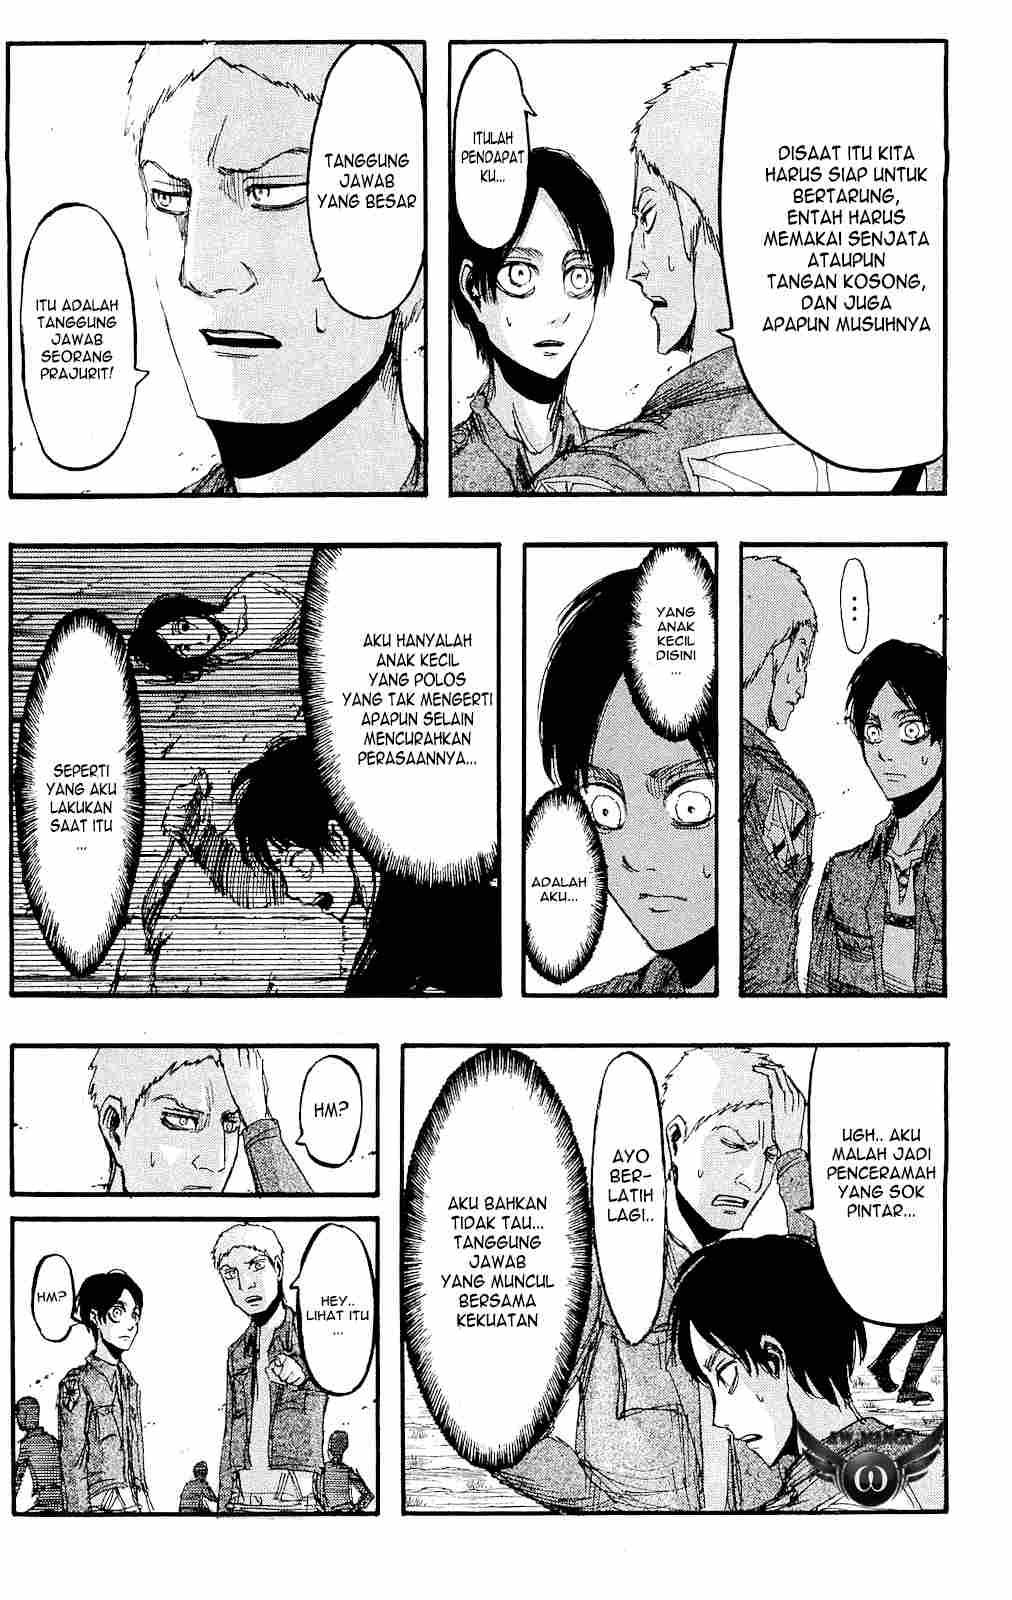 Komik shingeki no kyojin 017 - ilusi dari kekuatan 18 Indonesia shingeki no kyojin 017 - ilusi dari kekuatan Terbaru 8|Baca Manga Komik Indonesia|